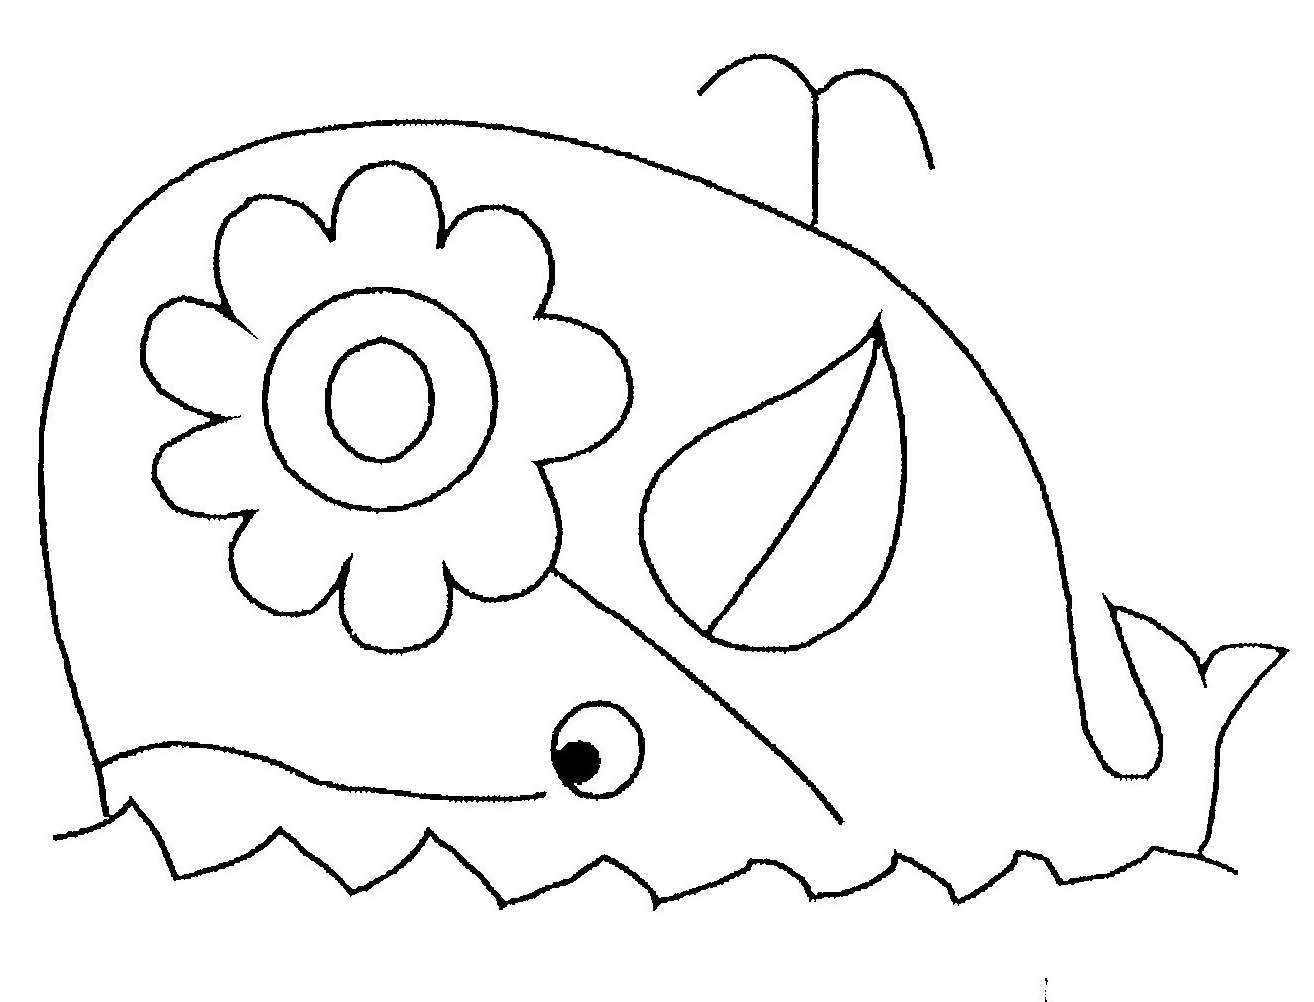 Coloriage de baleine gratuit à imprimer